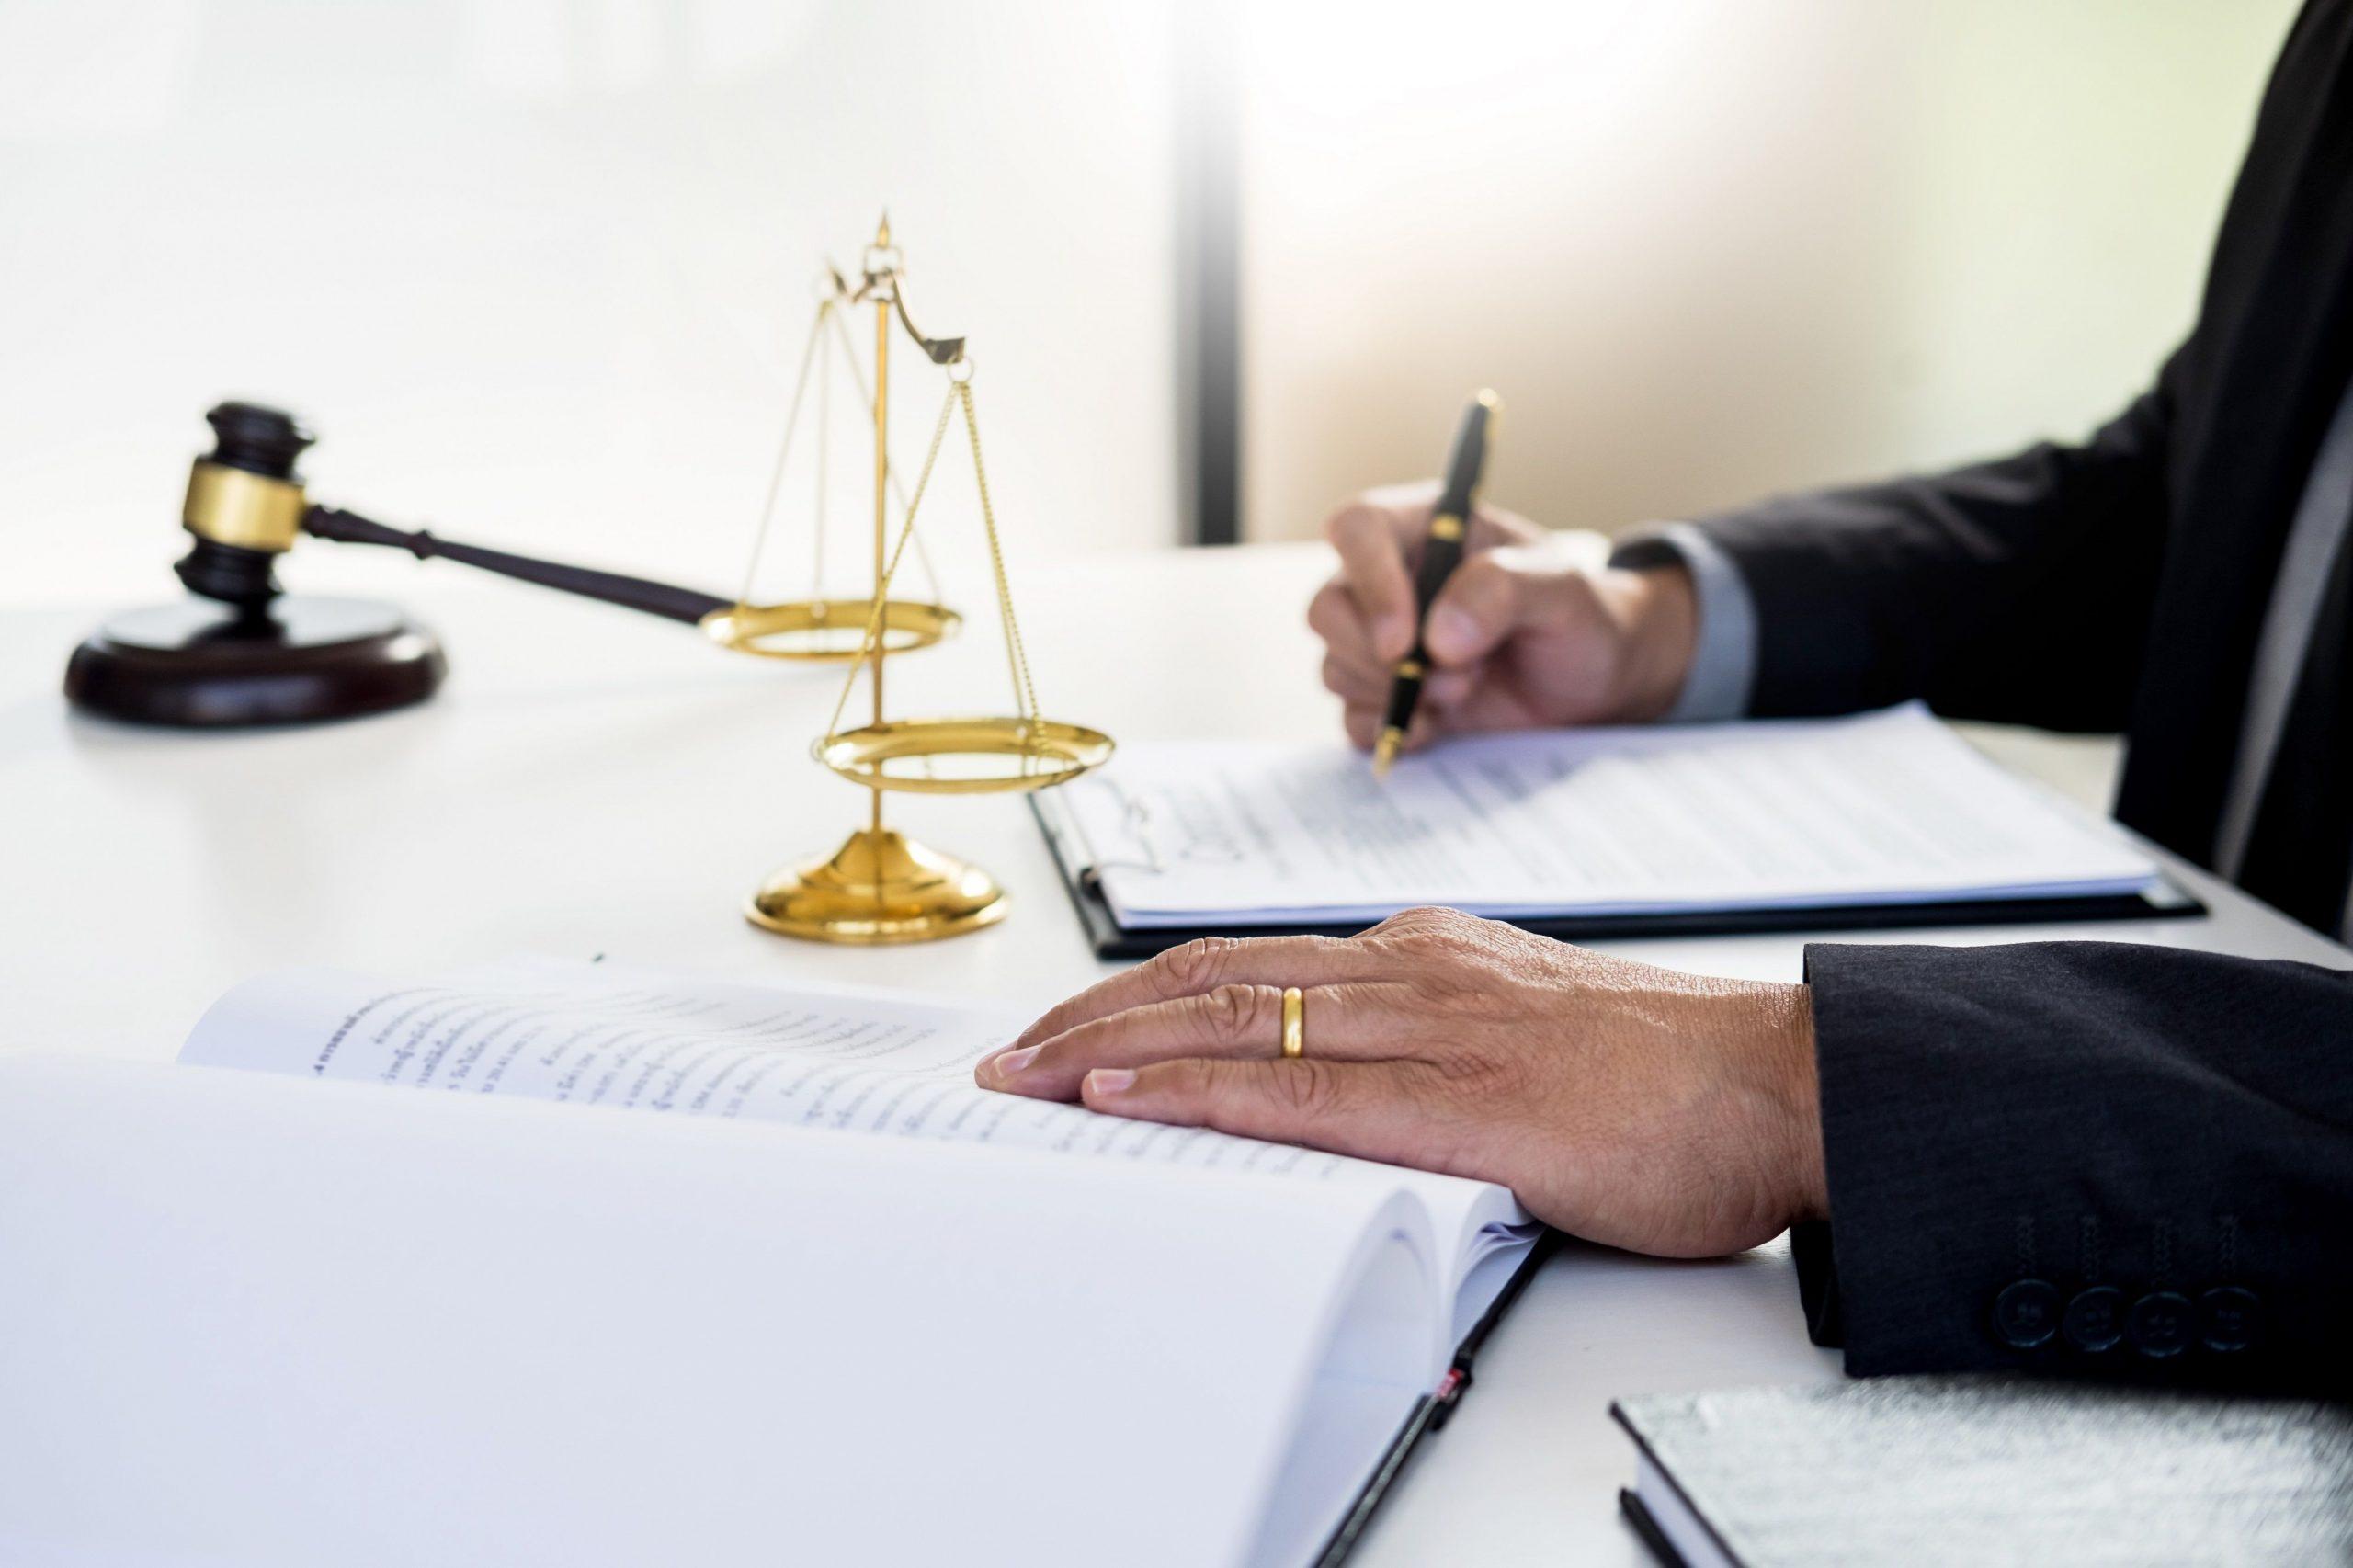 Şirket Tür Değişikliği Avukatı